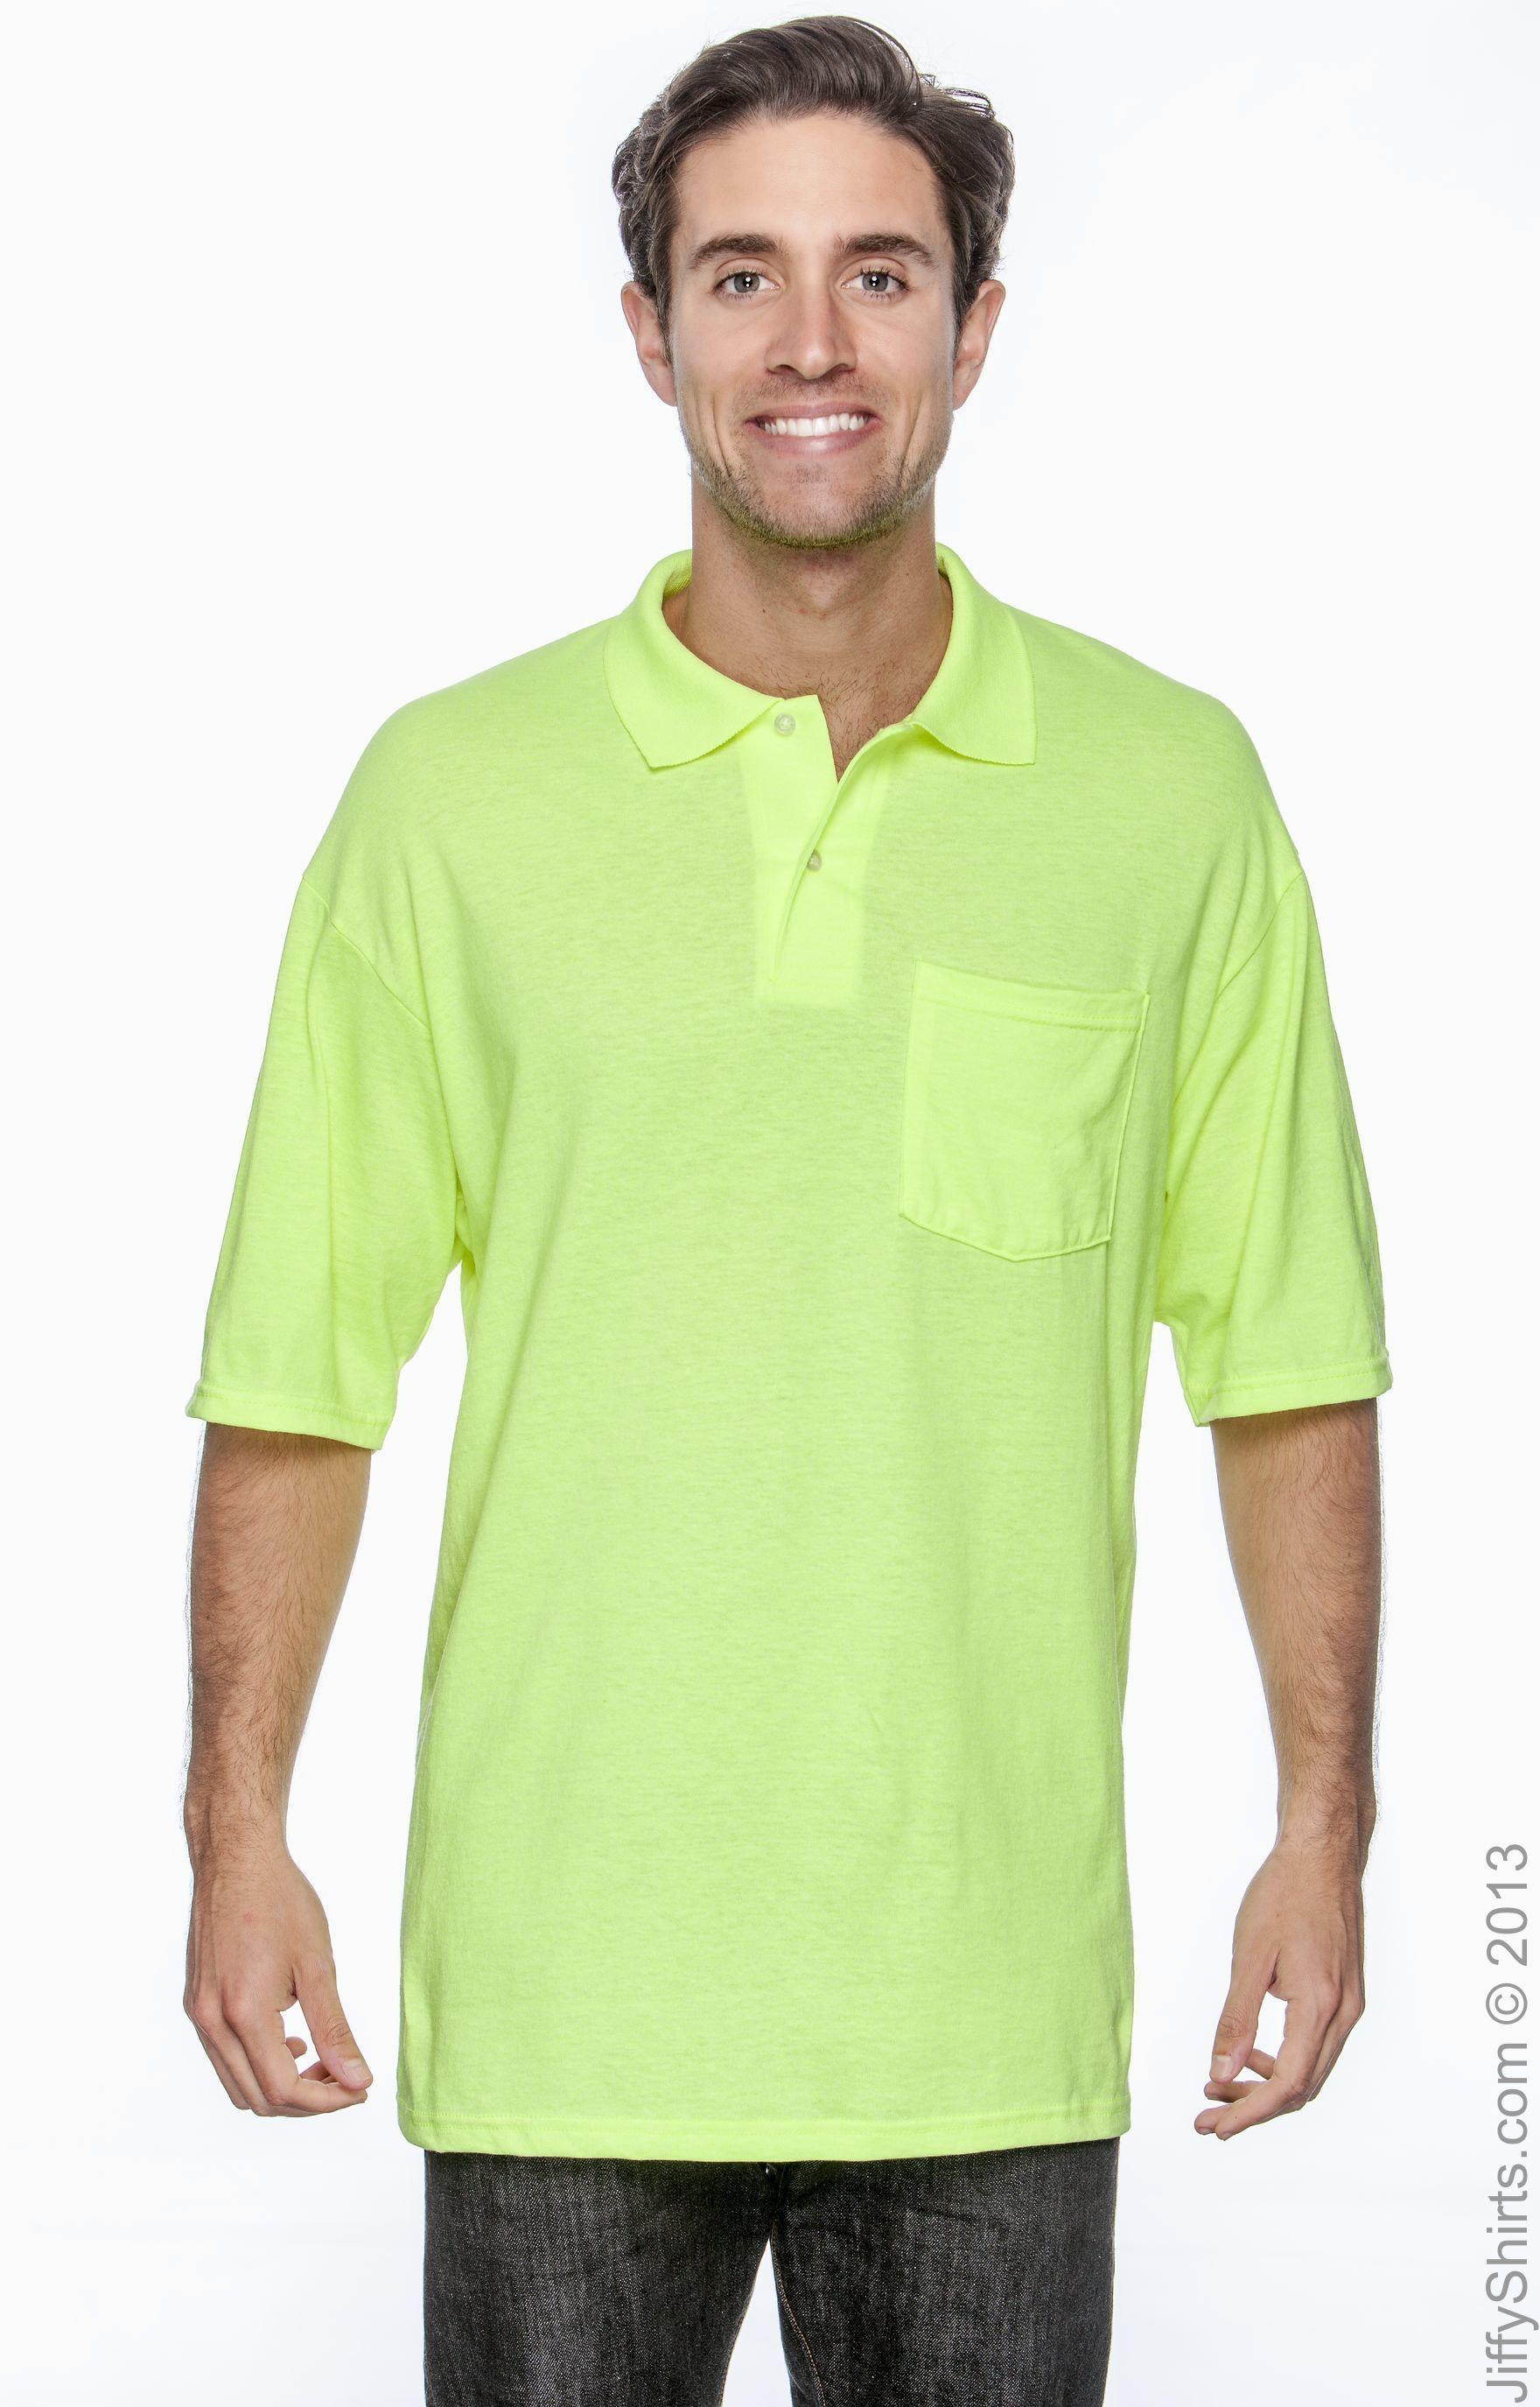 Jerzees 436P High Viz Safety Green